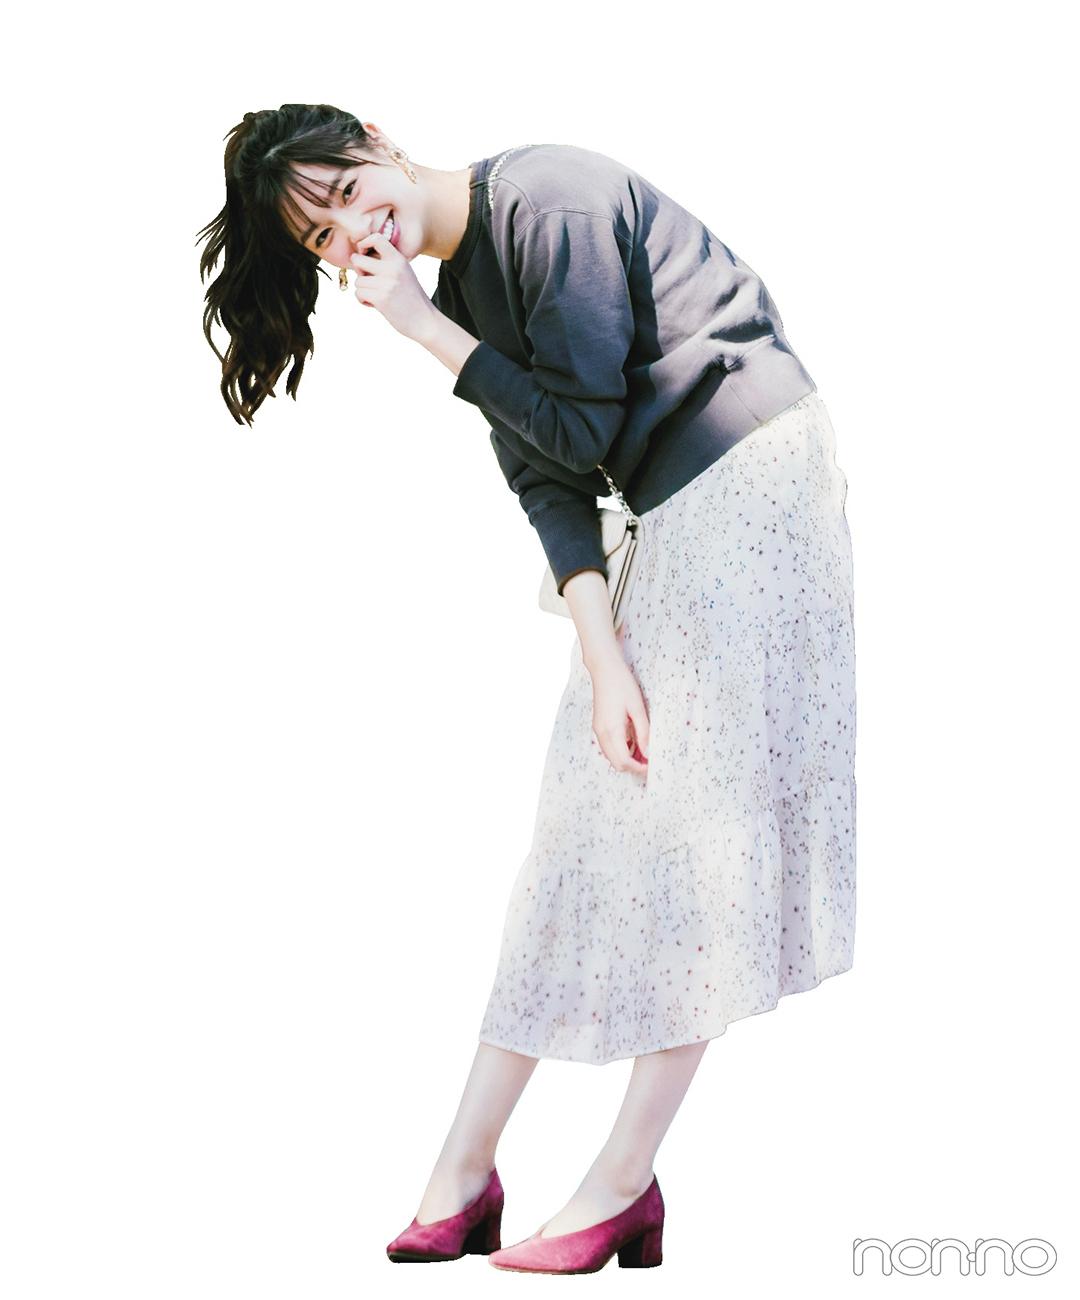 新川優愛はスウェットと花柄ワンピで大好きな甘辛コーデを満喫【毎日コーデ】_1_1